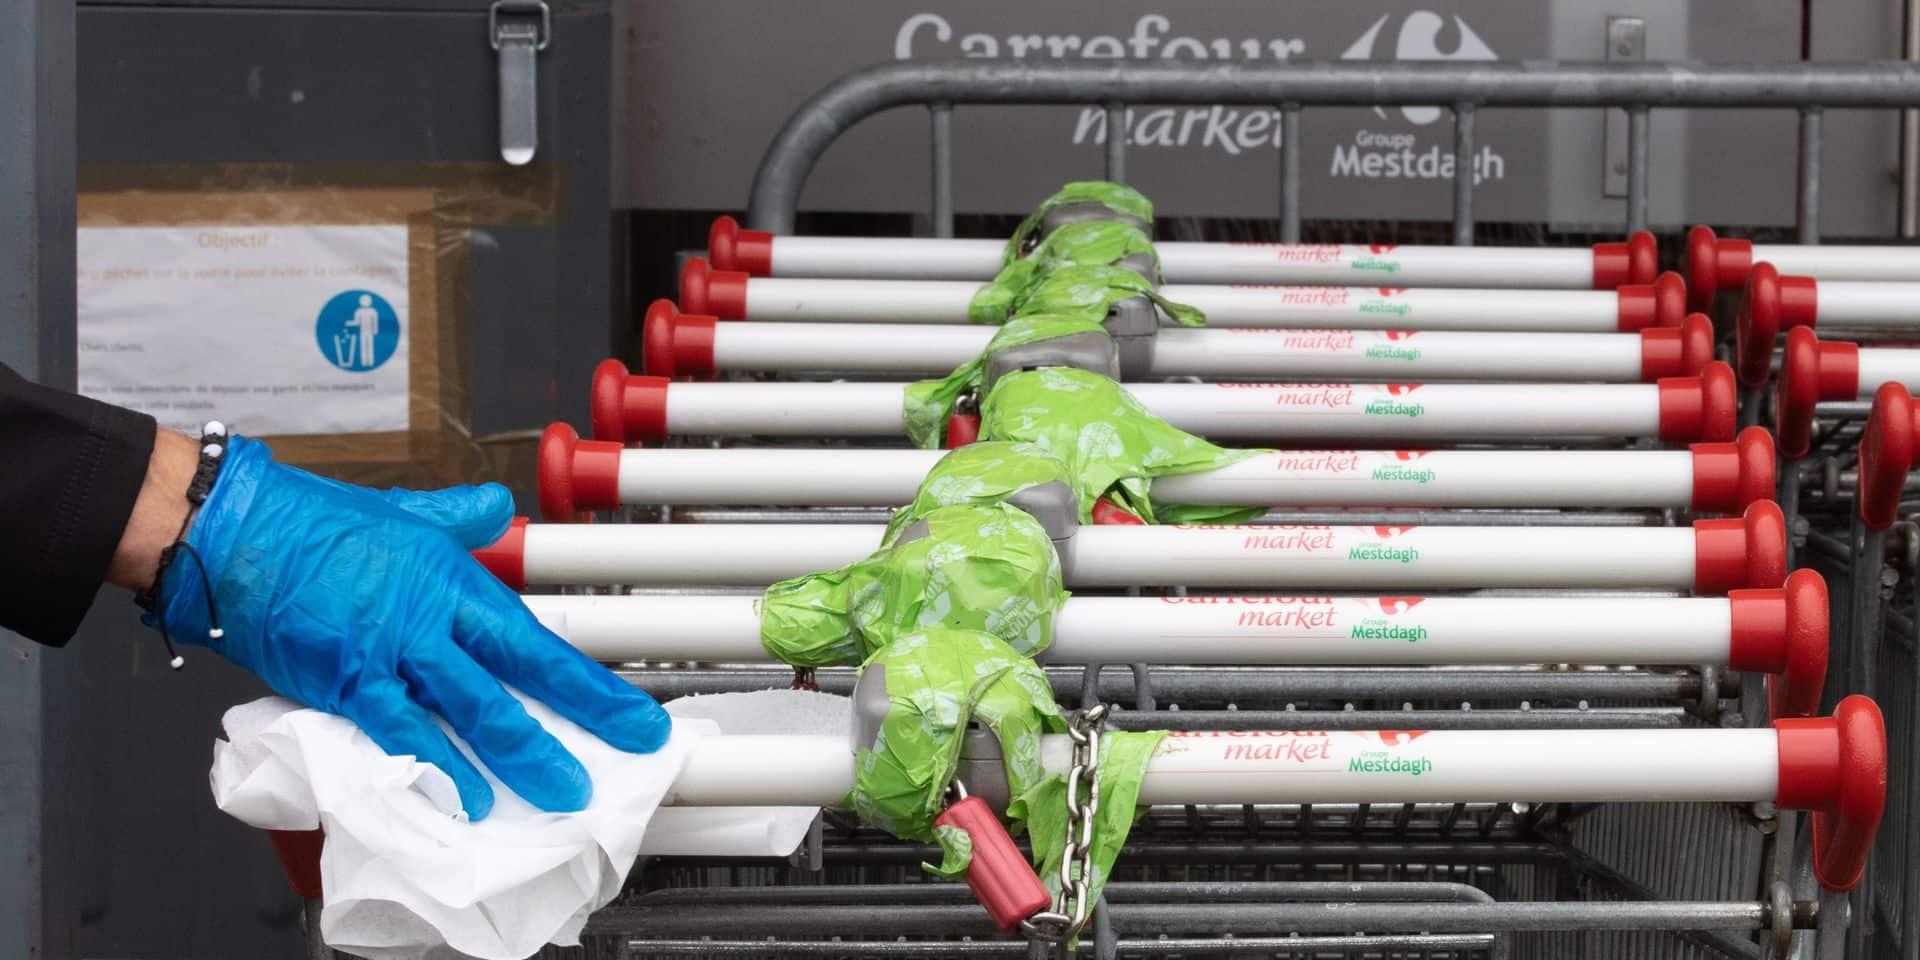 """Tensions sociales chez Carrefour: """"Le personnel est fatigué et en colère"""""""